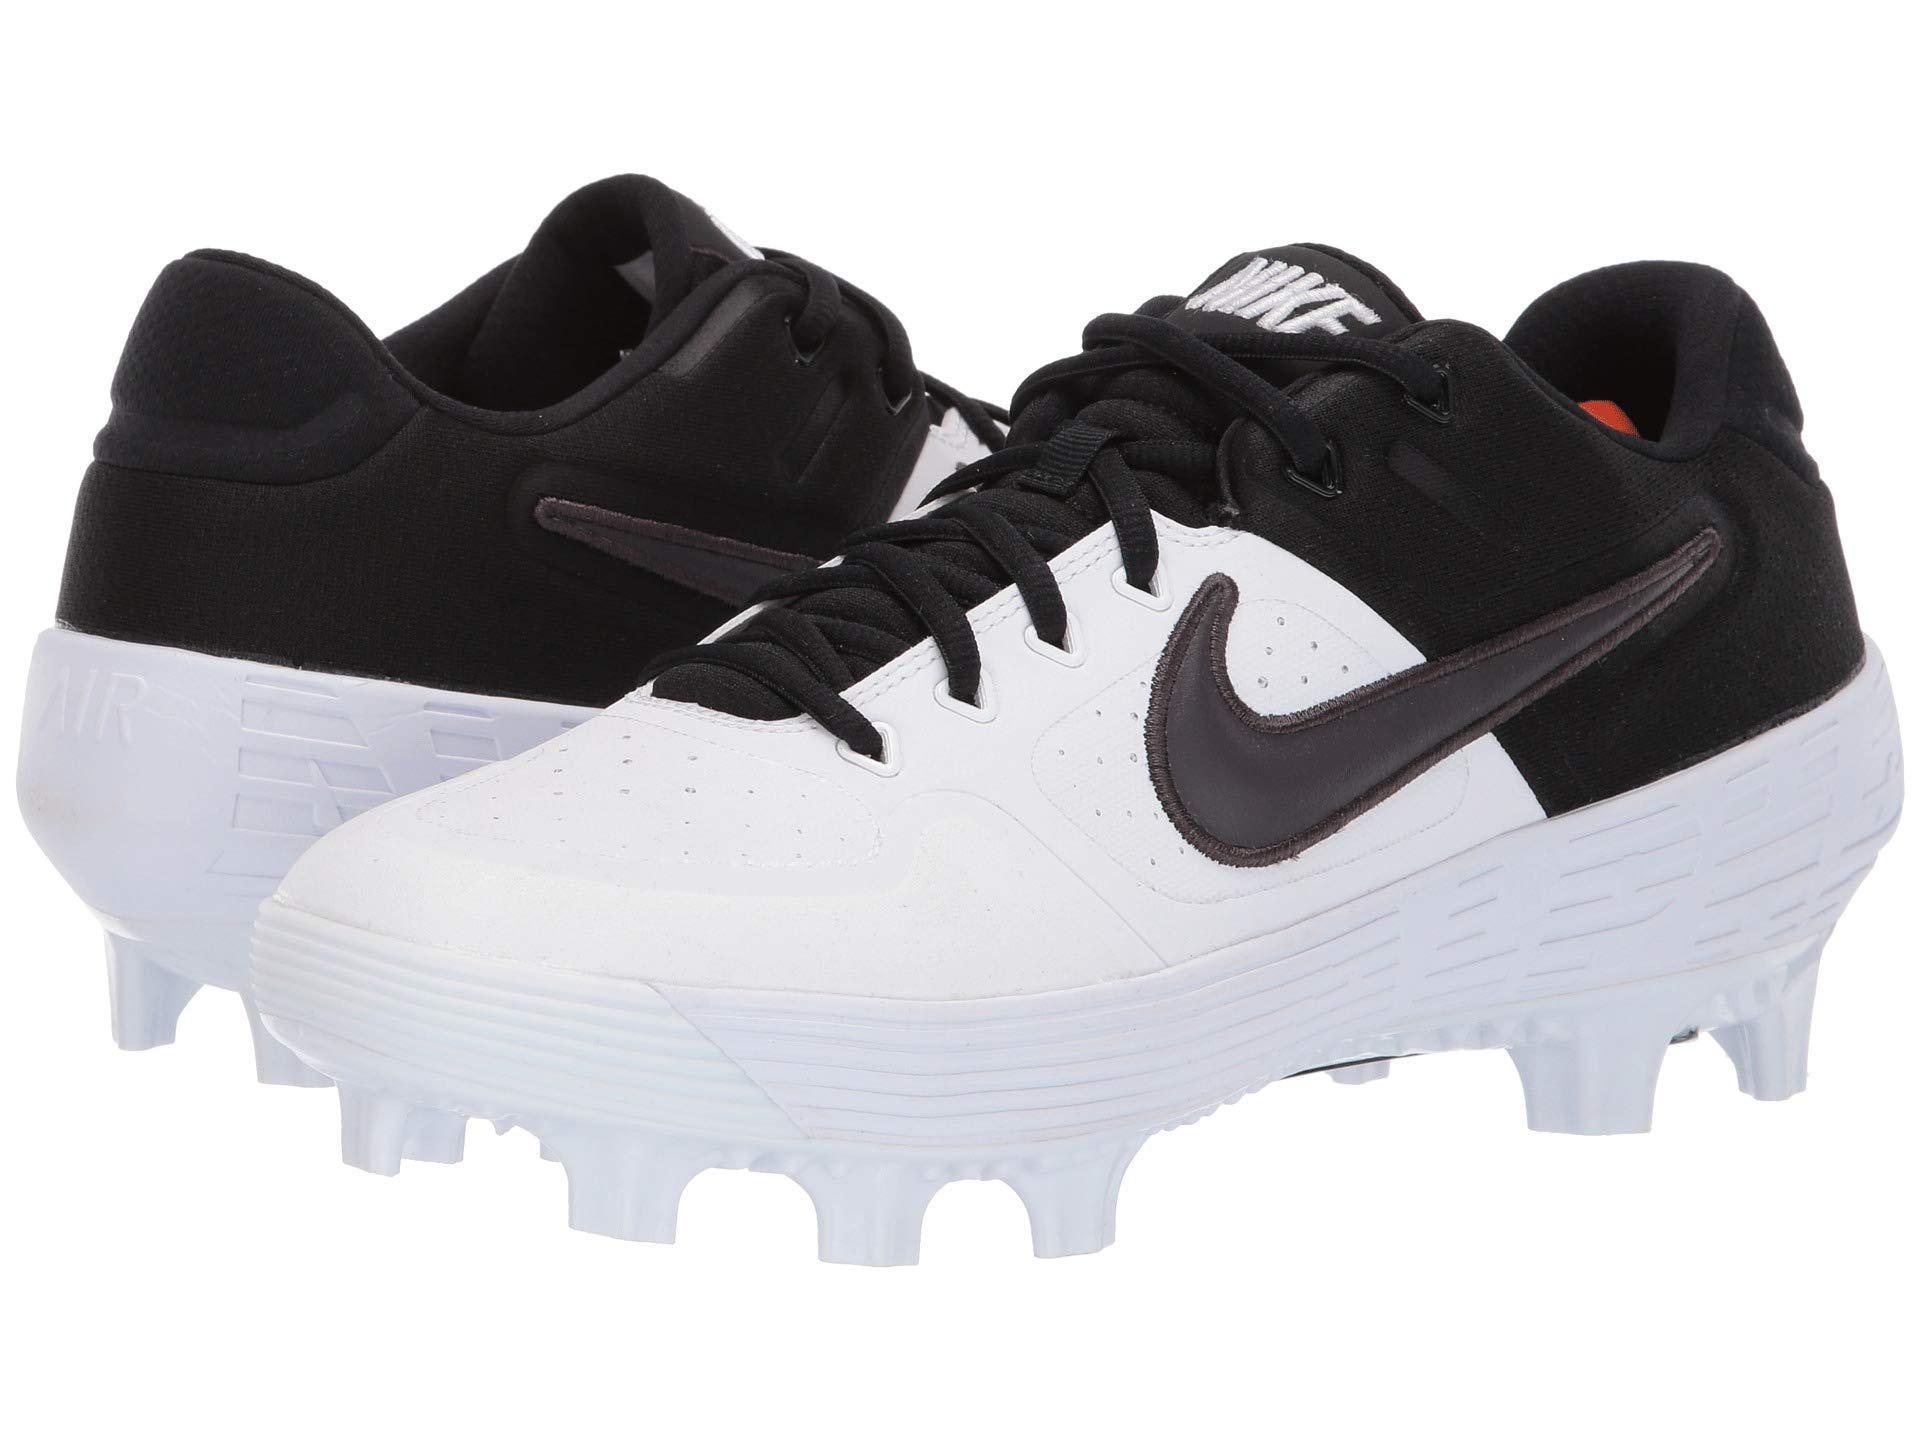 f95dfc6b99c07 Lyst - Nike Alpha Huarache Elite 2 Low Mcs (game Royal white gym ...